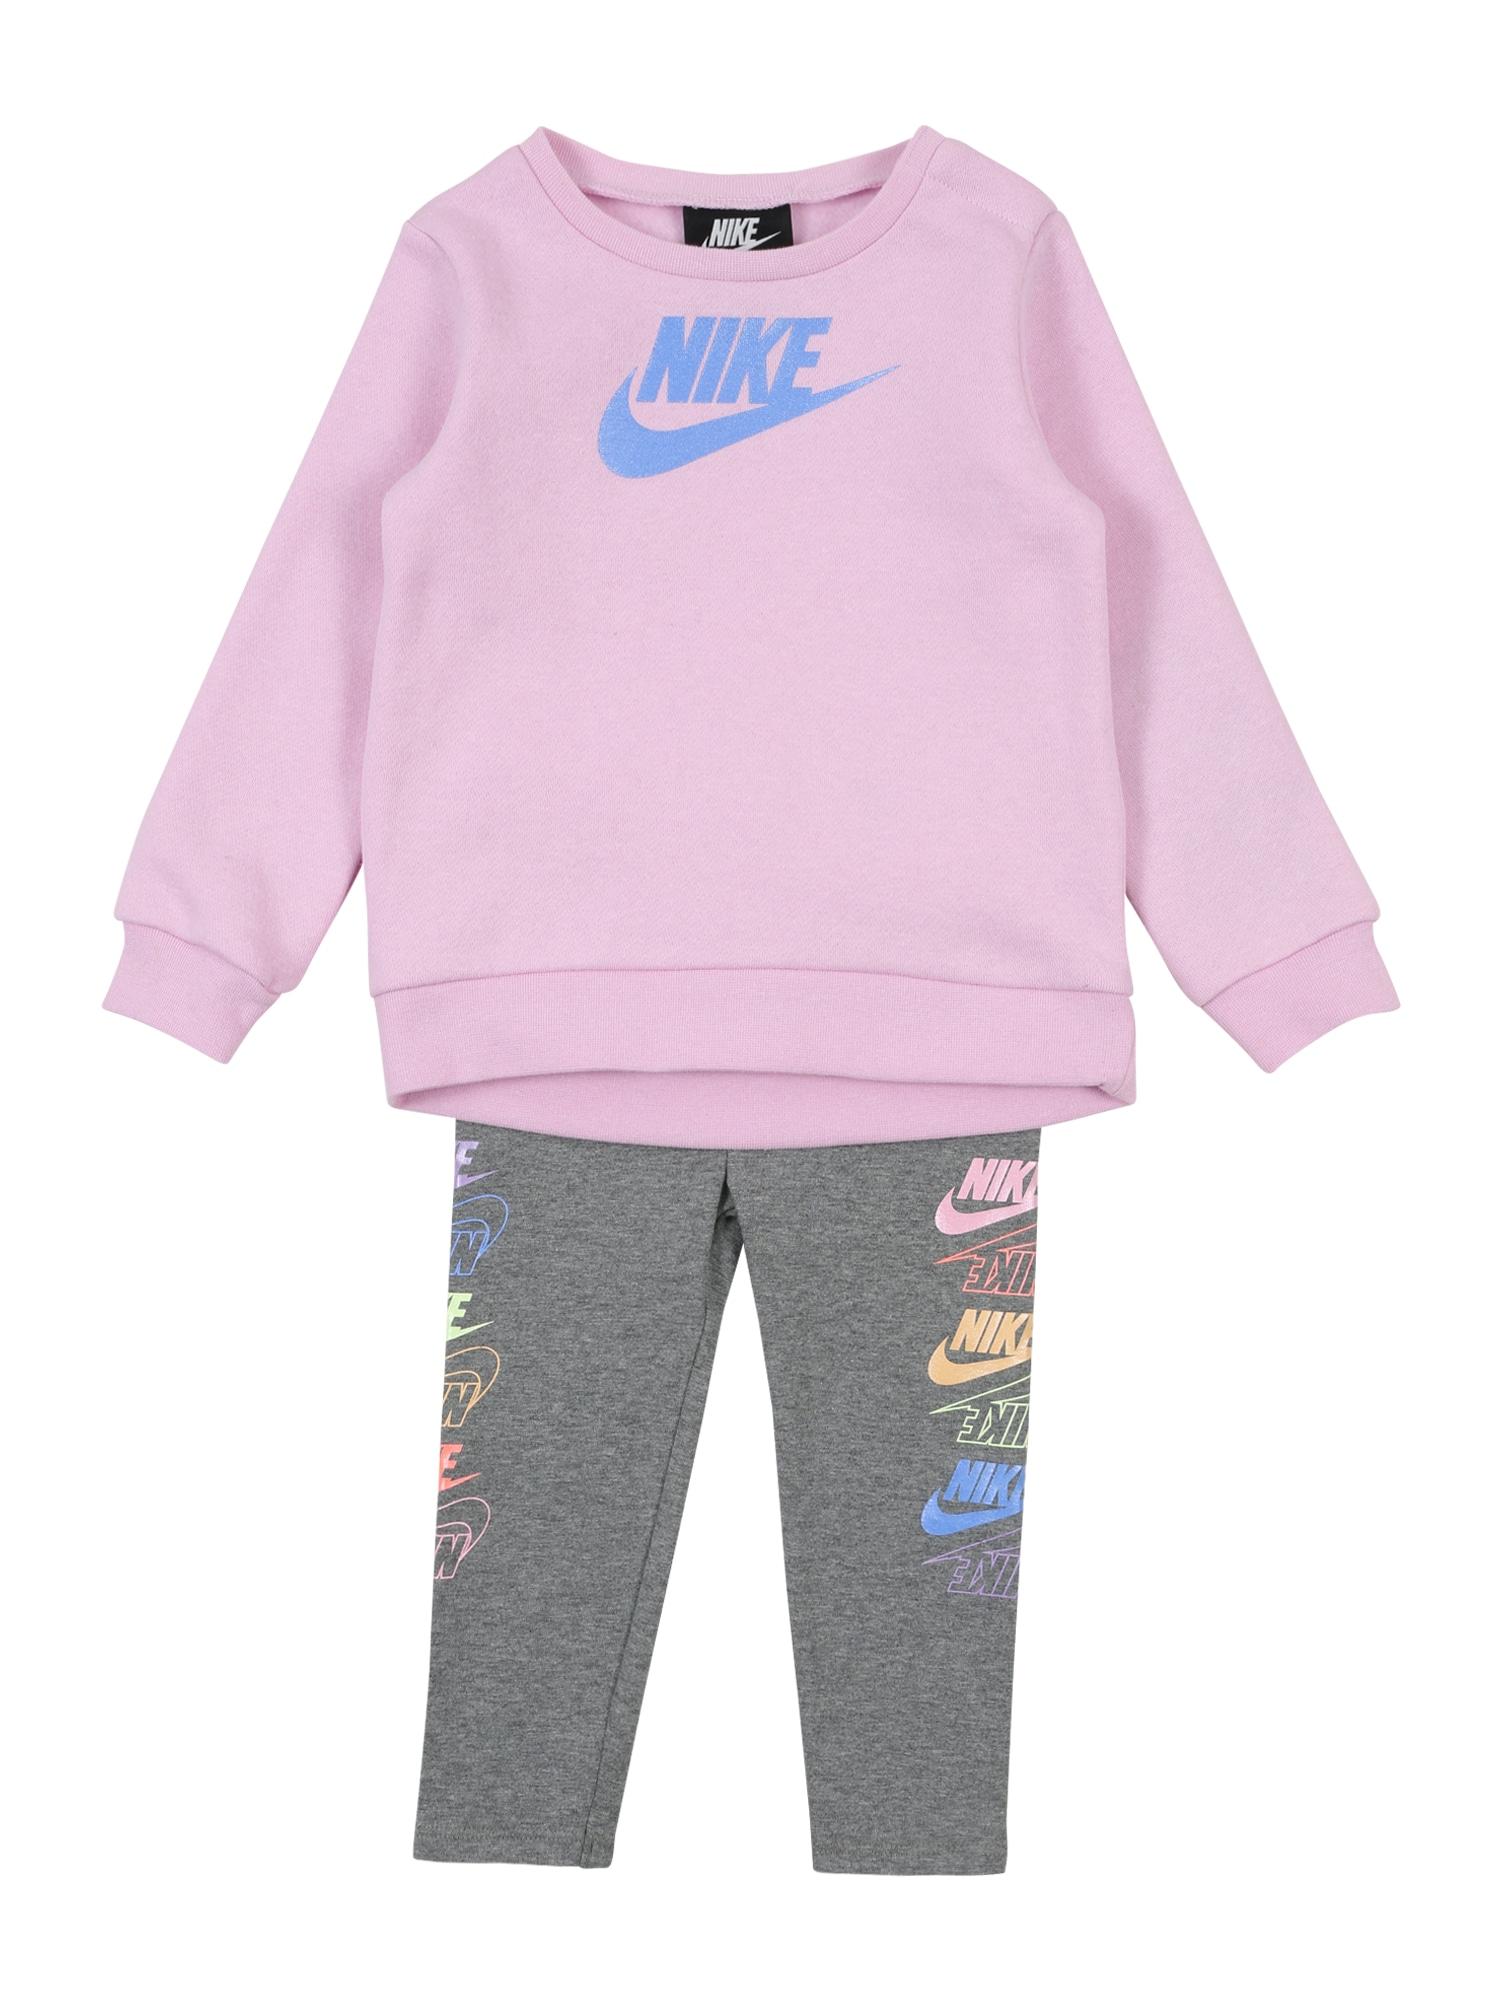 Nike Sportswear Treningas 'FUTURA STACK' tamsiai pilka / rausvai violetinė spalva / mišrios spalvos